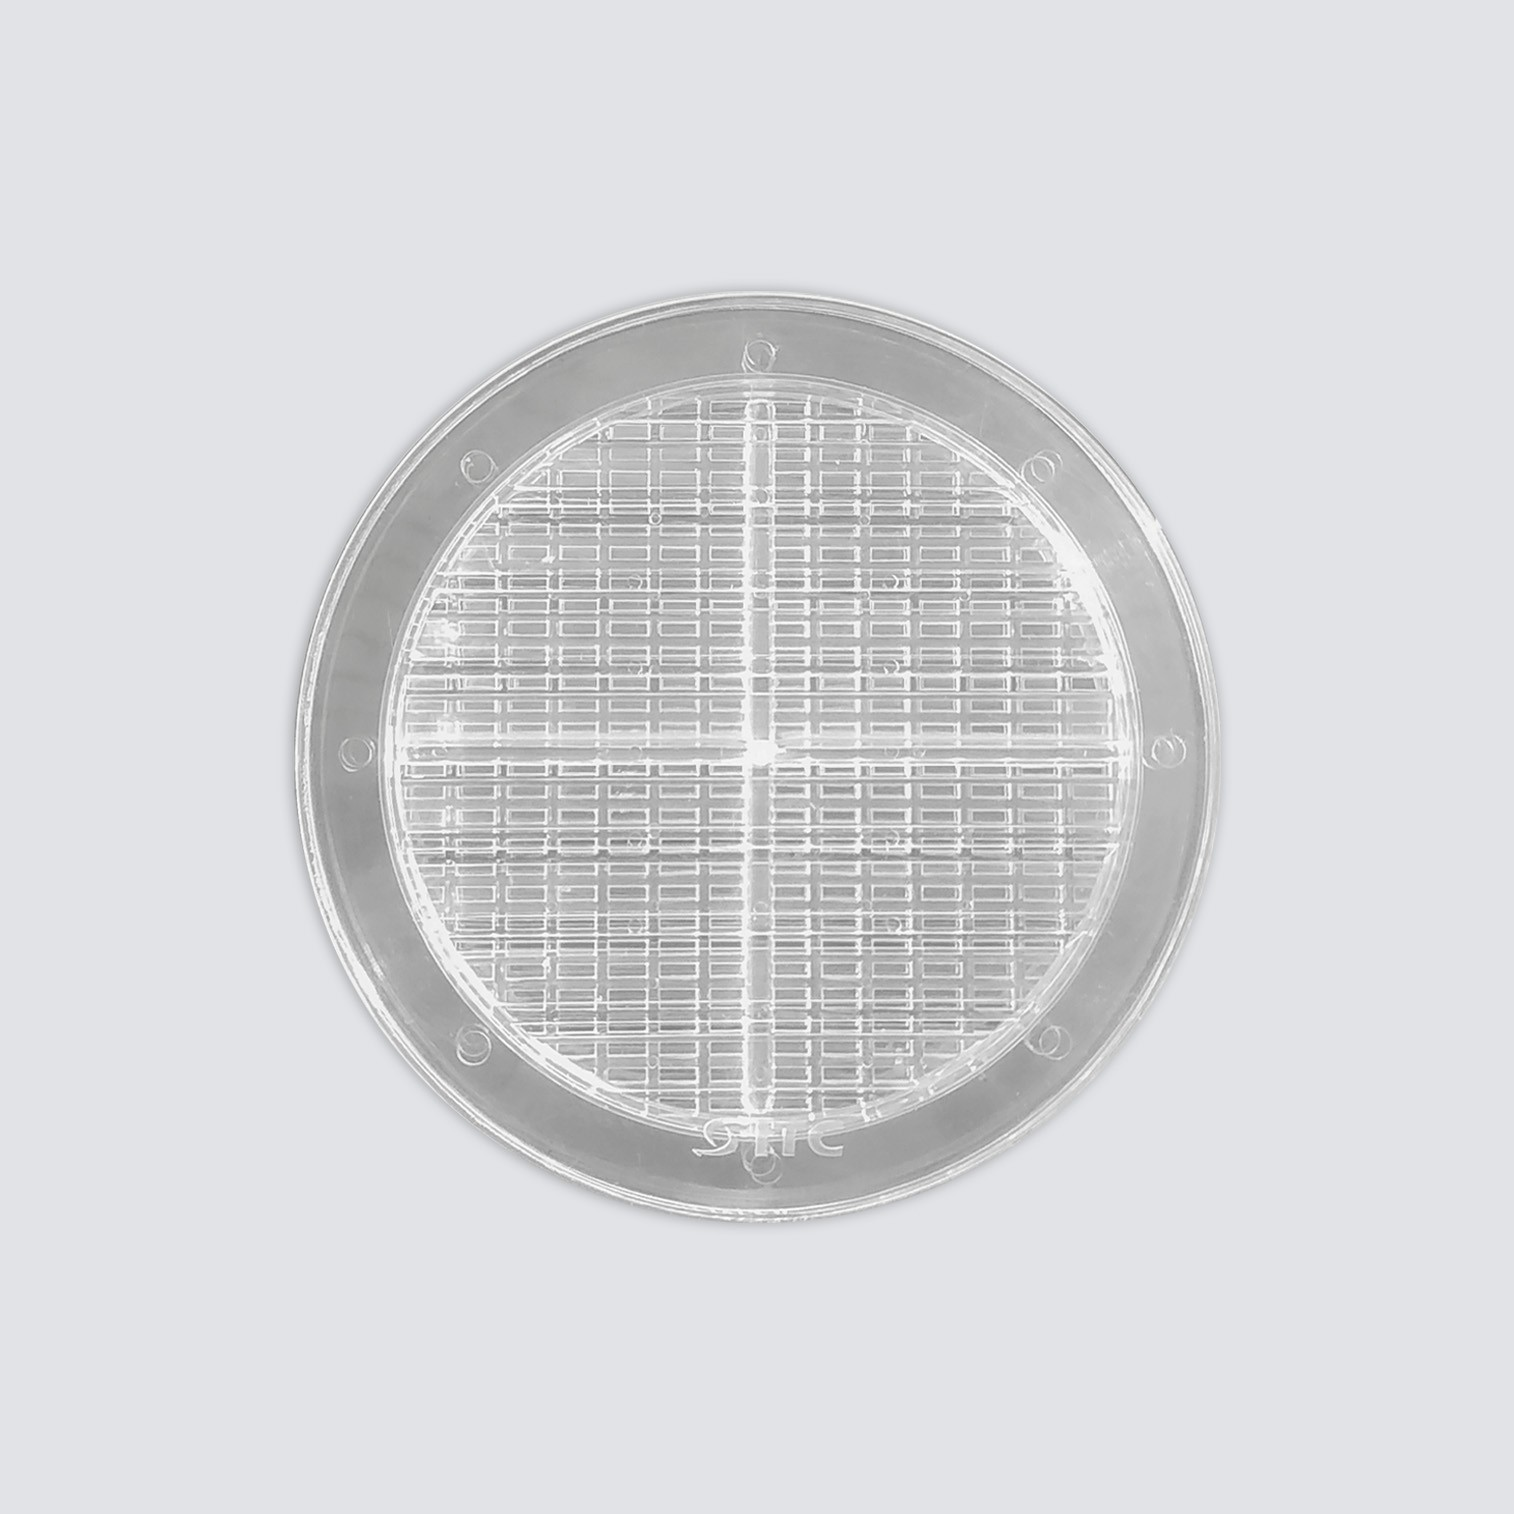 GRADE PARA VIDRO TRANSPARENTE COM TELA 15x15 cm